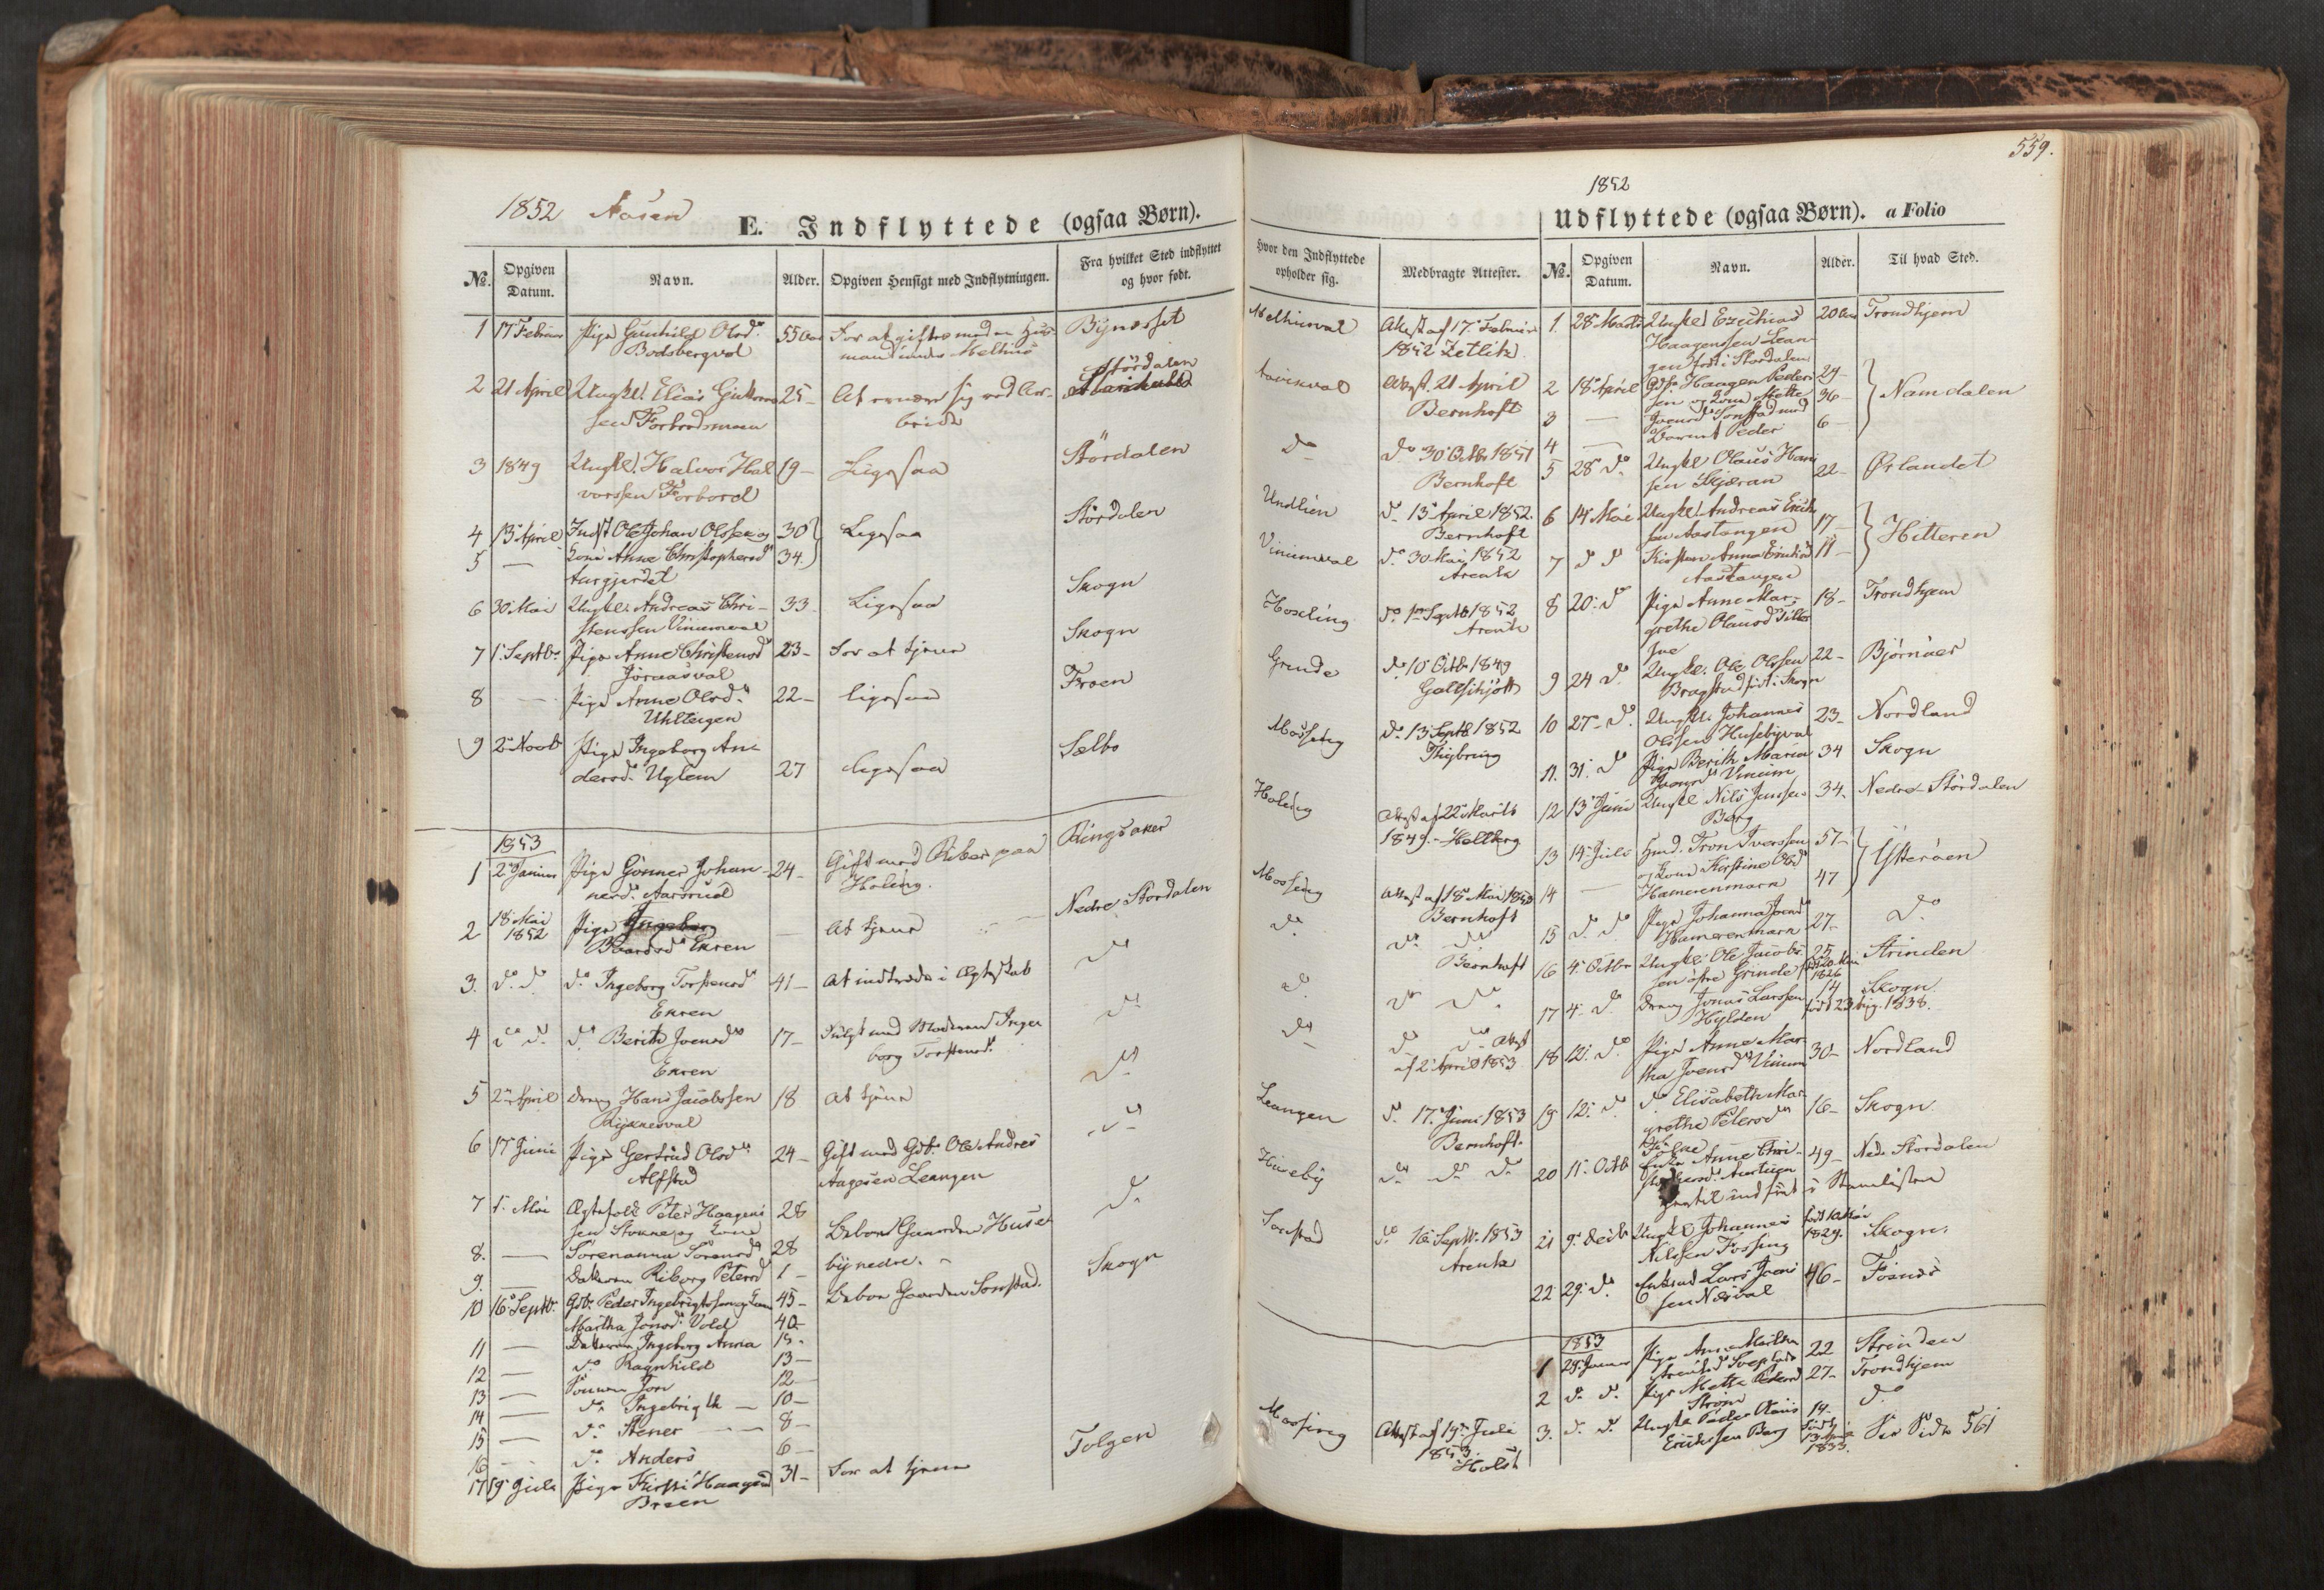 SAT, Ministerialprotokoller, klokkerbøker og fødselsregistre - Nord-Trøndelag, 713/L0116: Ministerialbok nr. 713A07, 1850-1877, s. 559